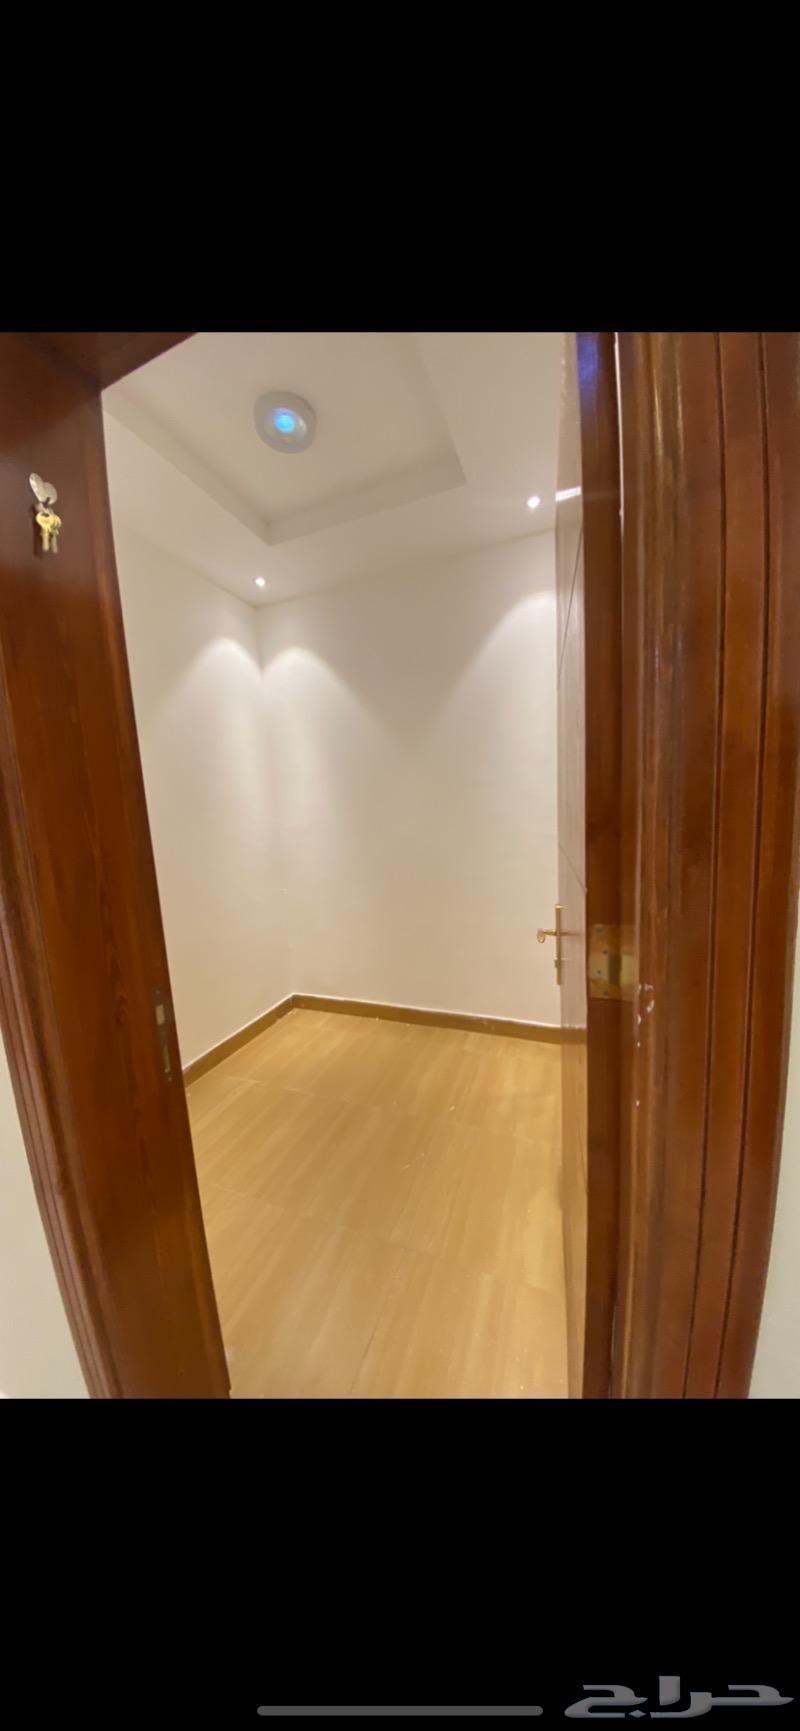 شقة 5 غرف بغرفه سائق للايجار بمخطط البيعه